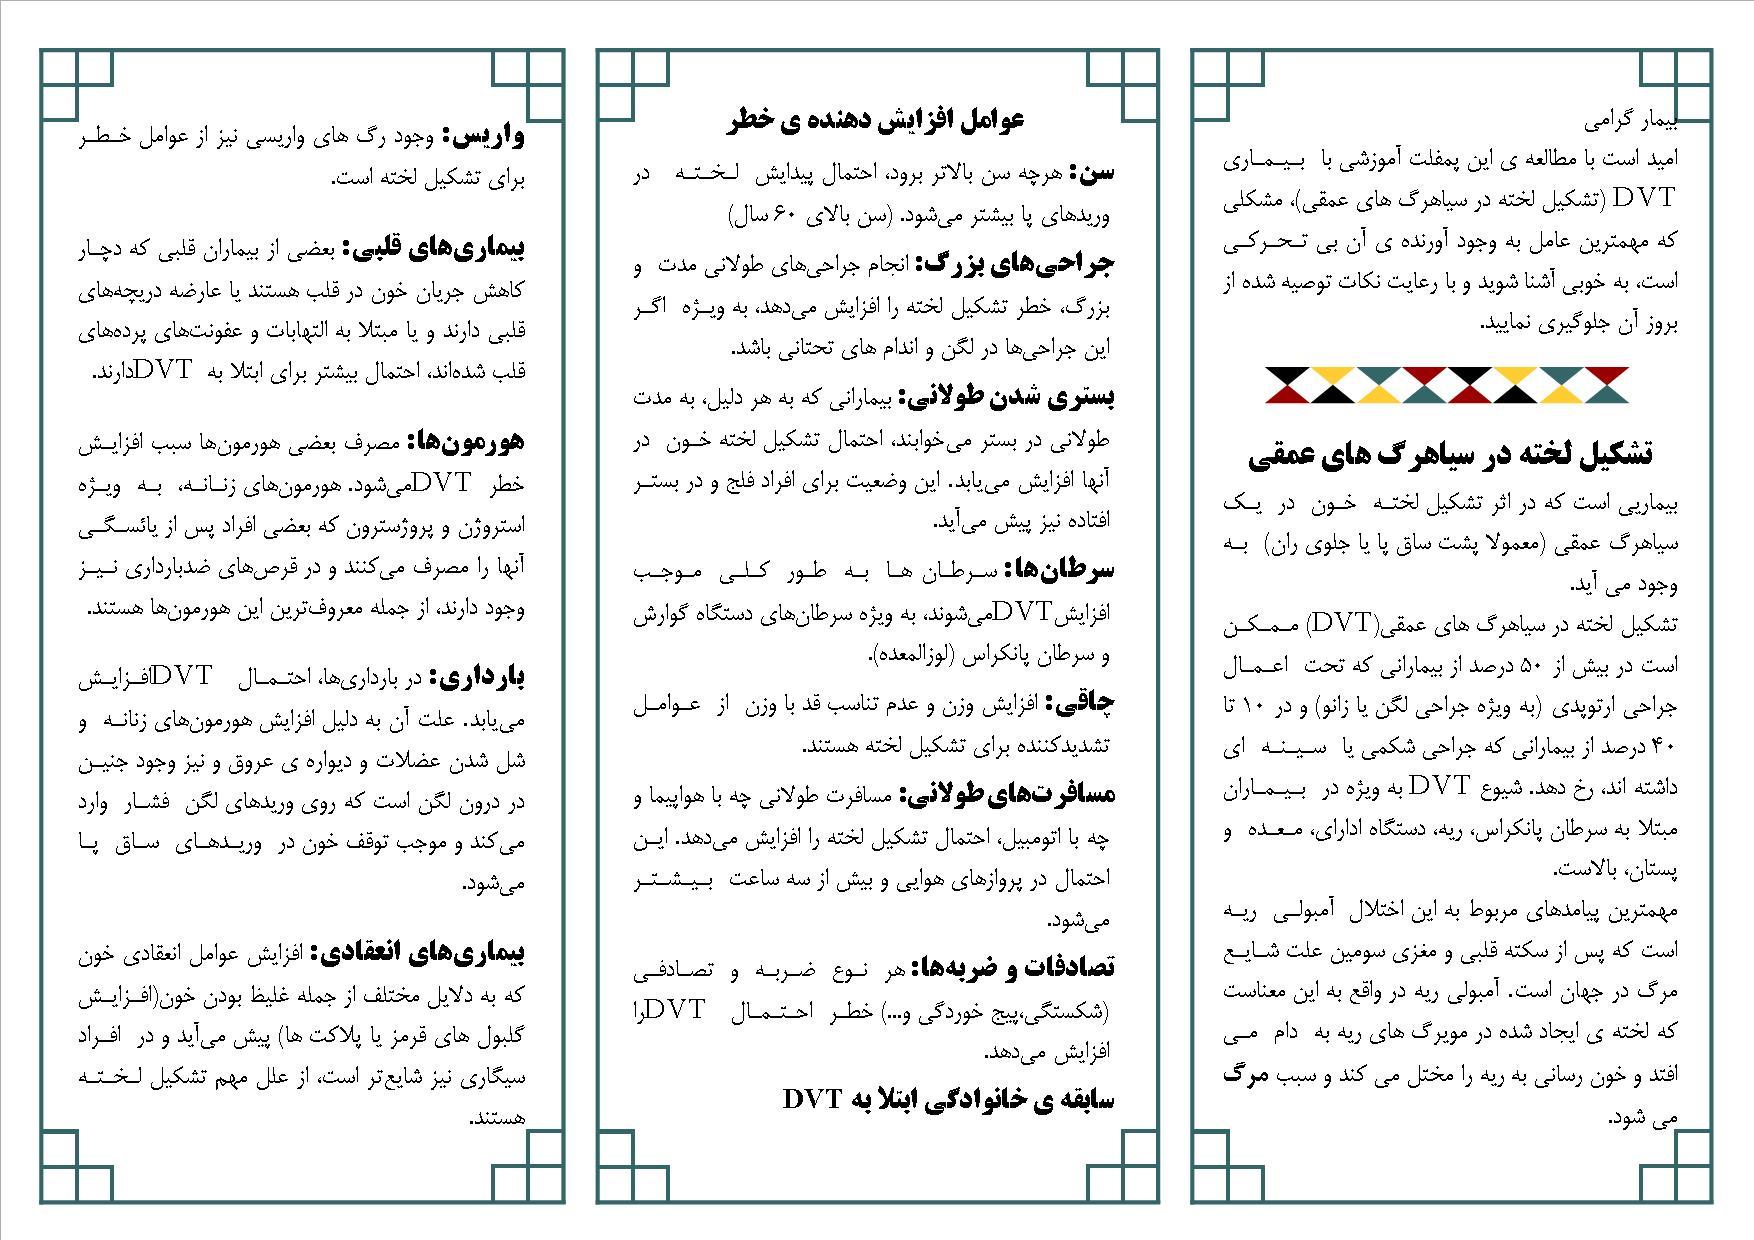 پیشگیری از تشکیل لخته درسیاهرگ | آموزش به بیماربیمارستان قائم مشهد